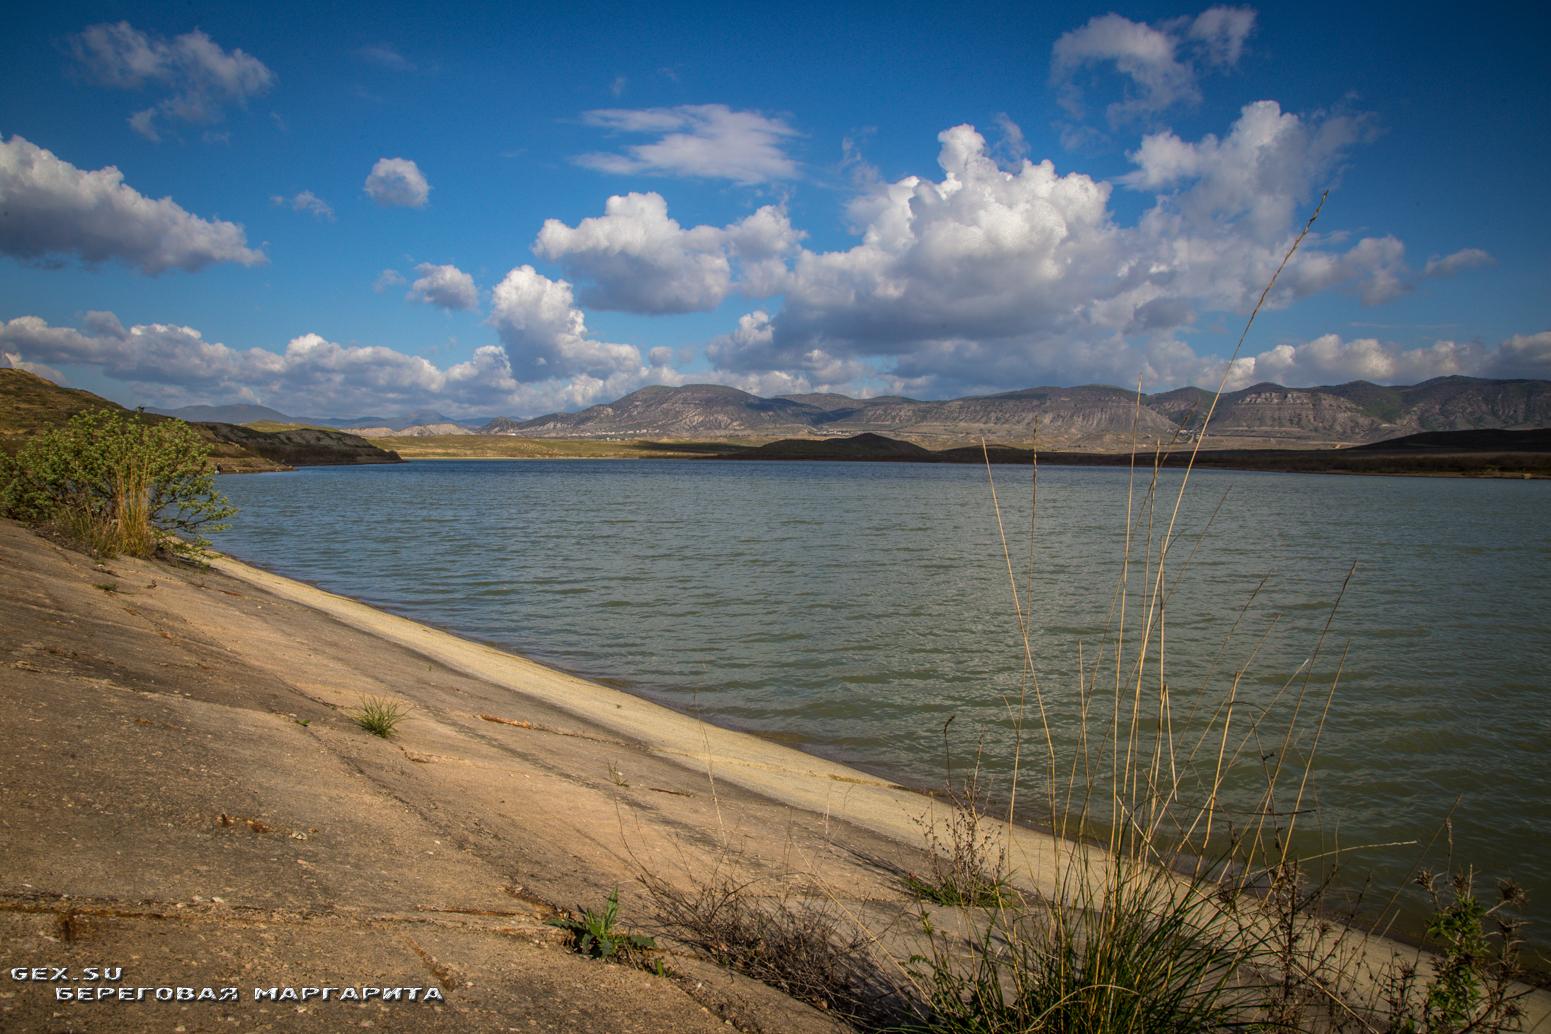 Озеро Бугаз